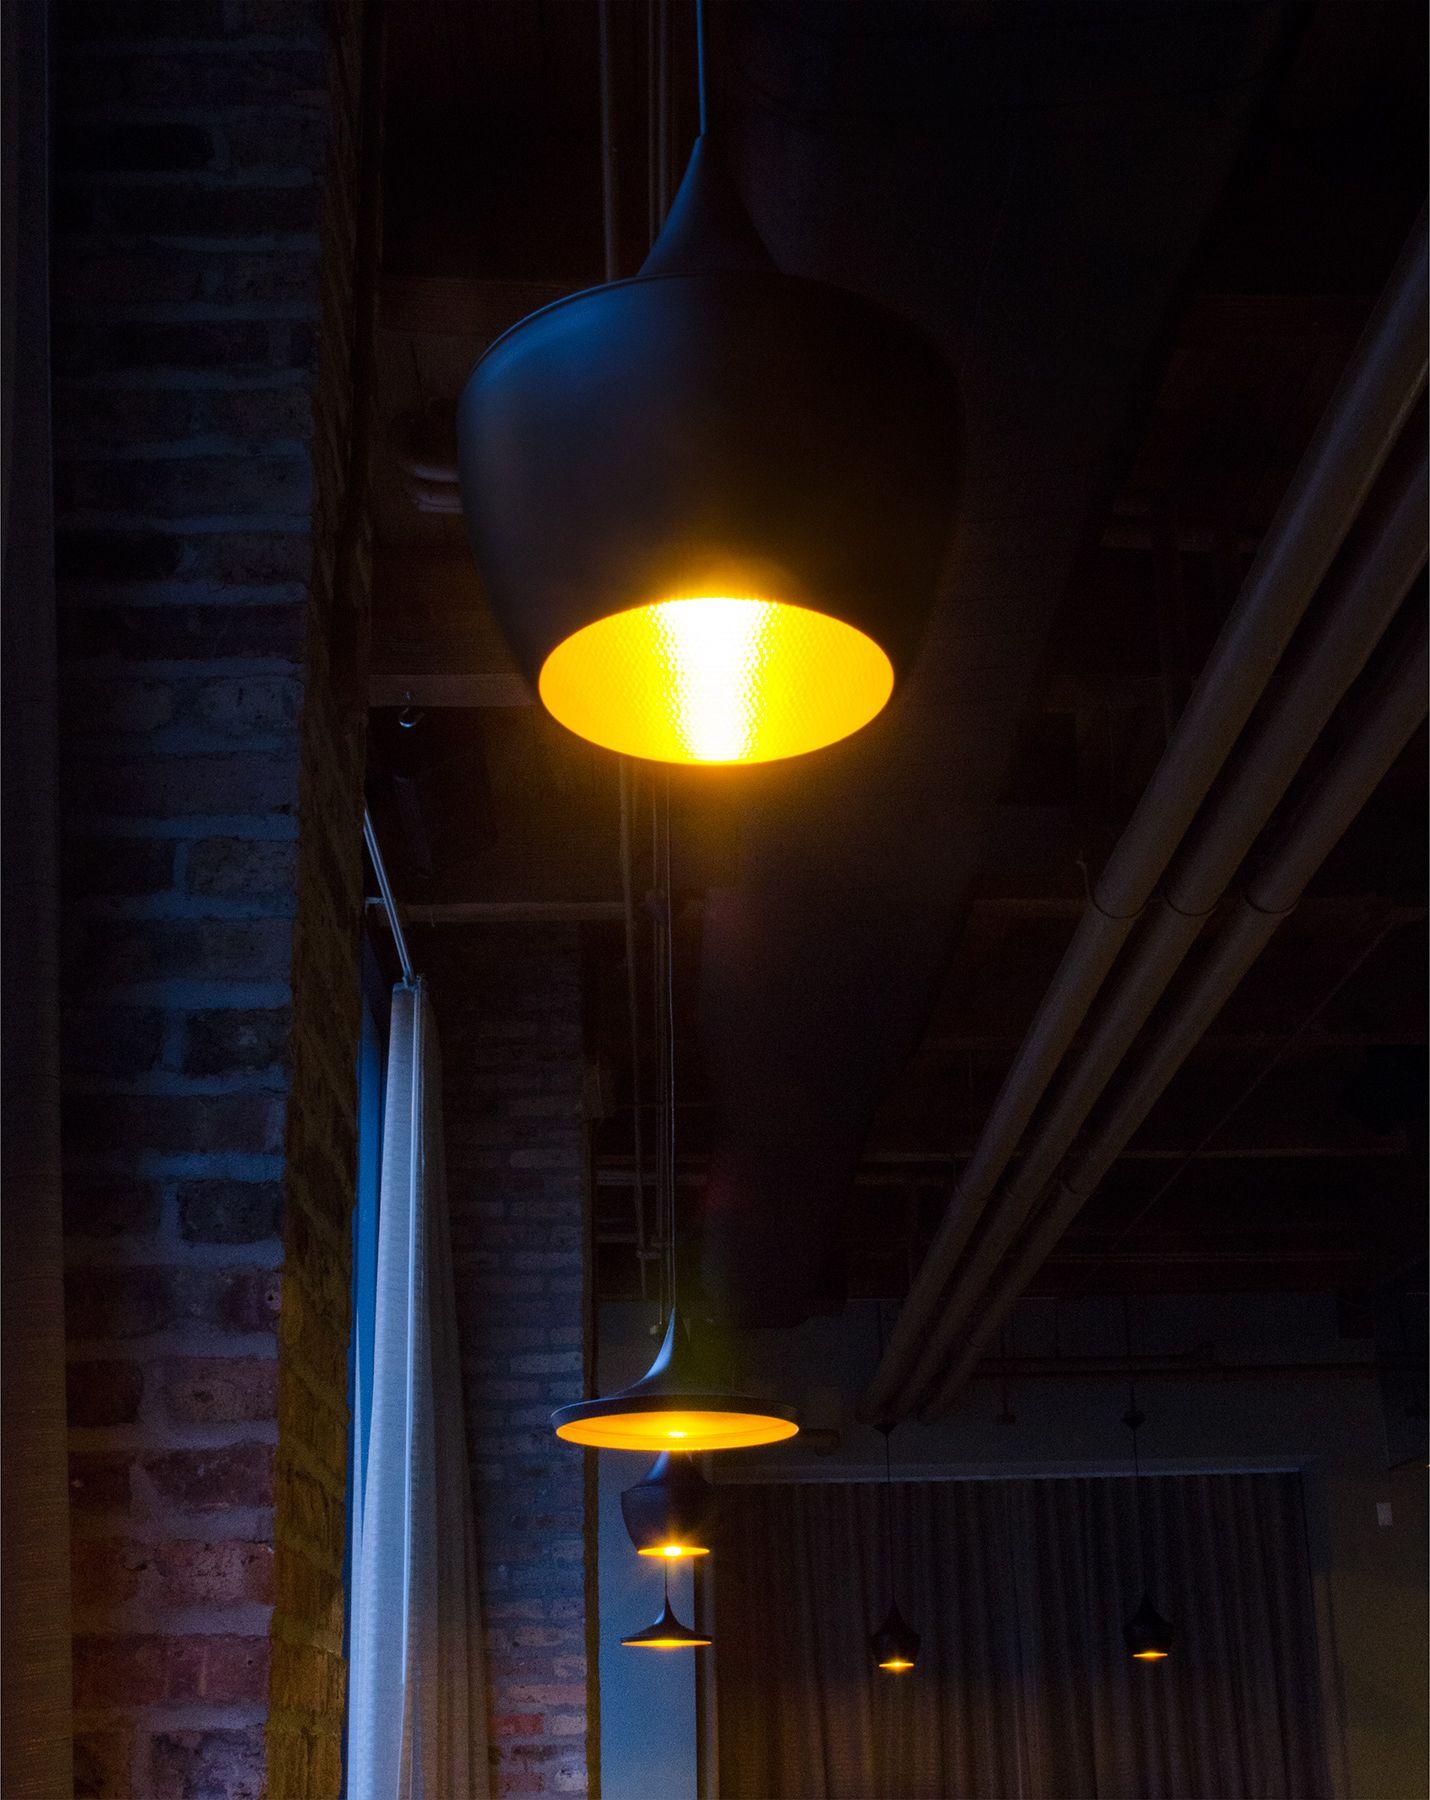 Copo Pendant Restaurant Lighting For Baum Brix In Chicago